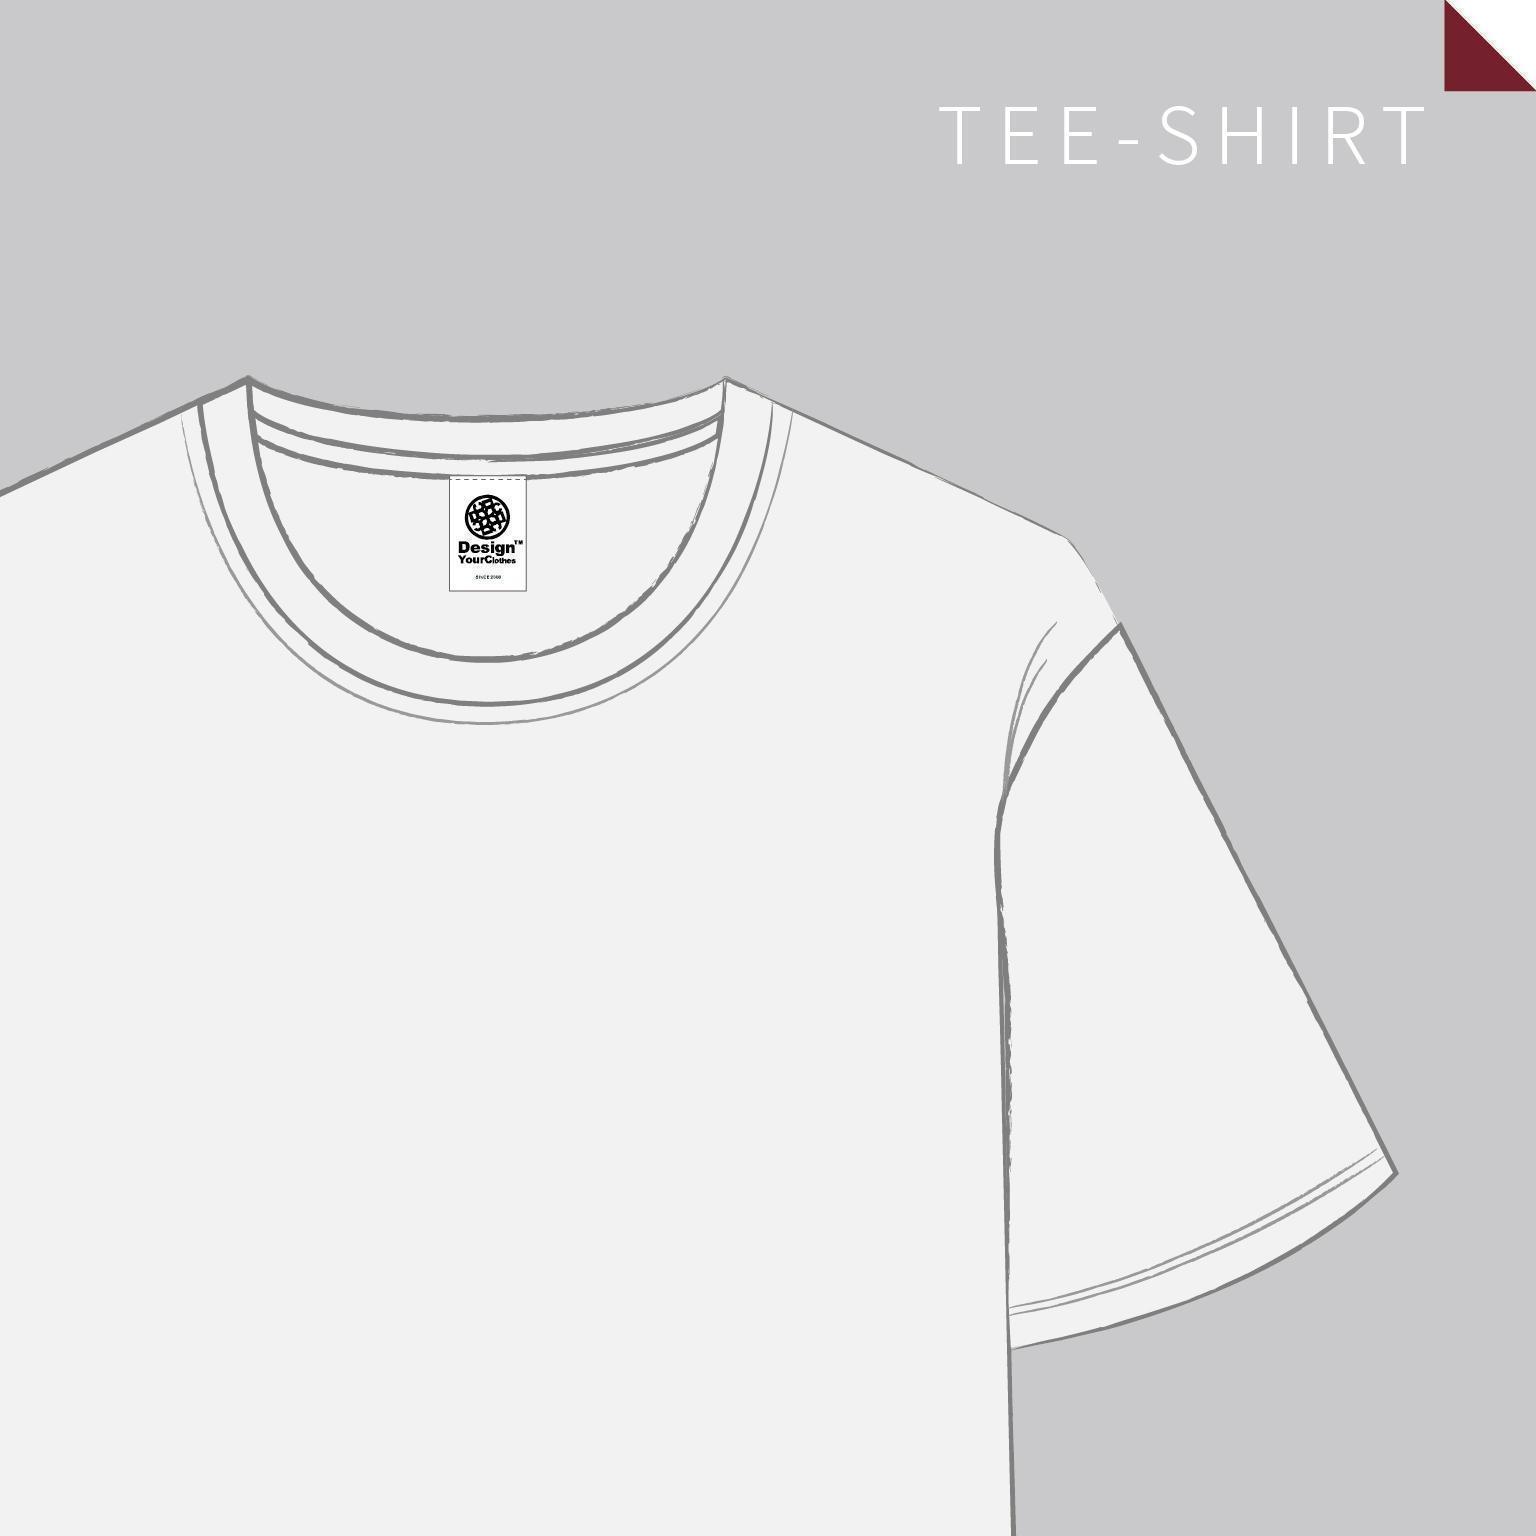 長短TEE | T-SHIRT